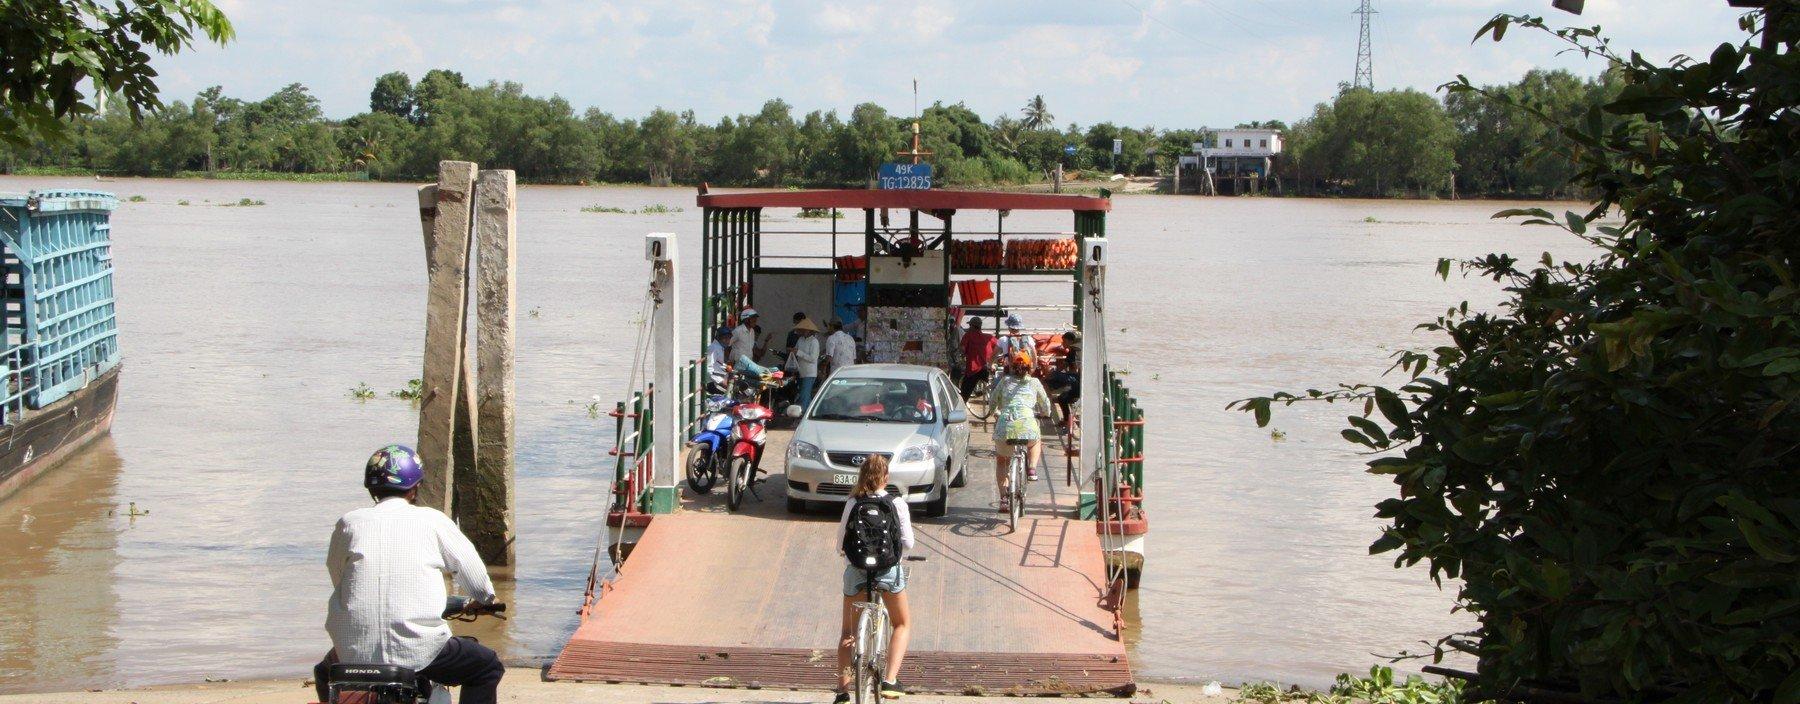 vn, mekong delta, fietstour (1).jpg